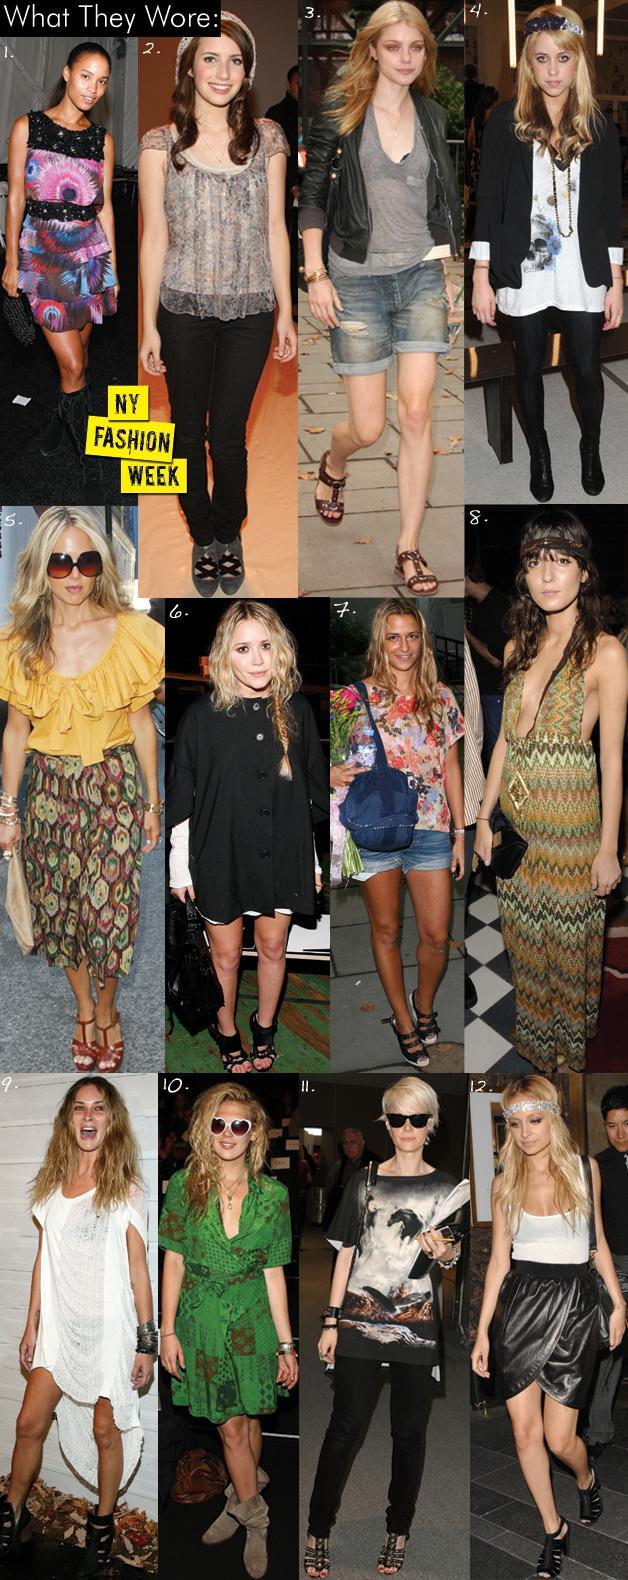 NY Fashion Week Part 1